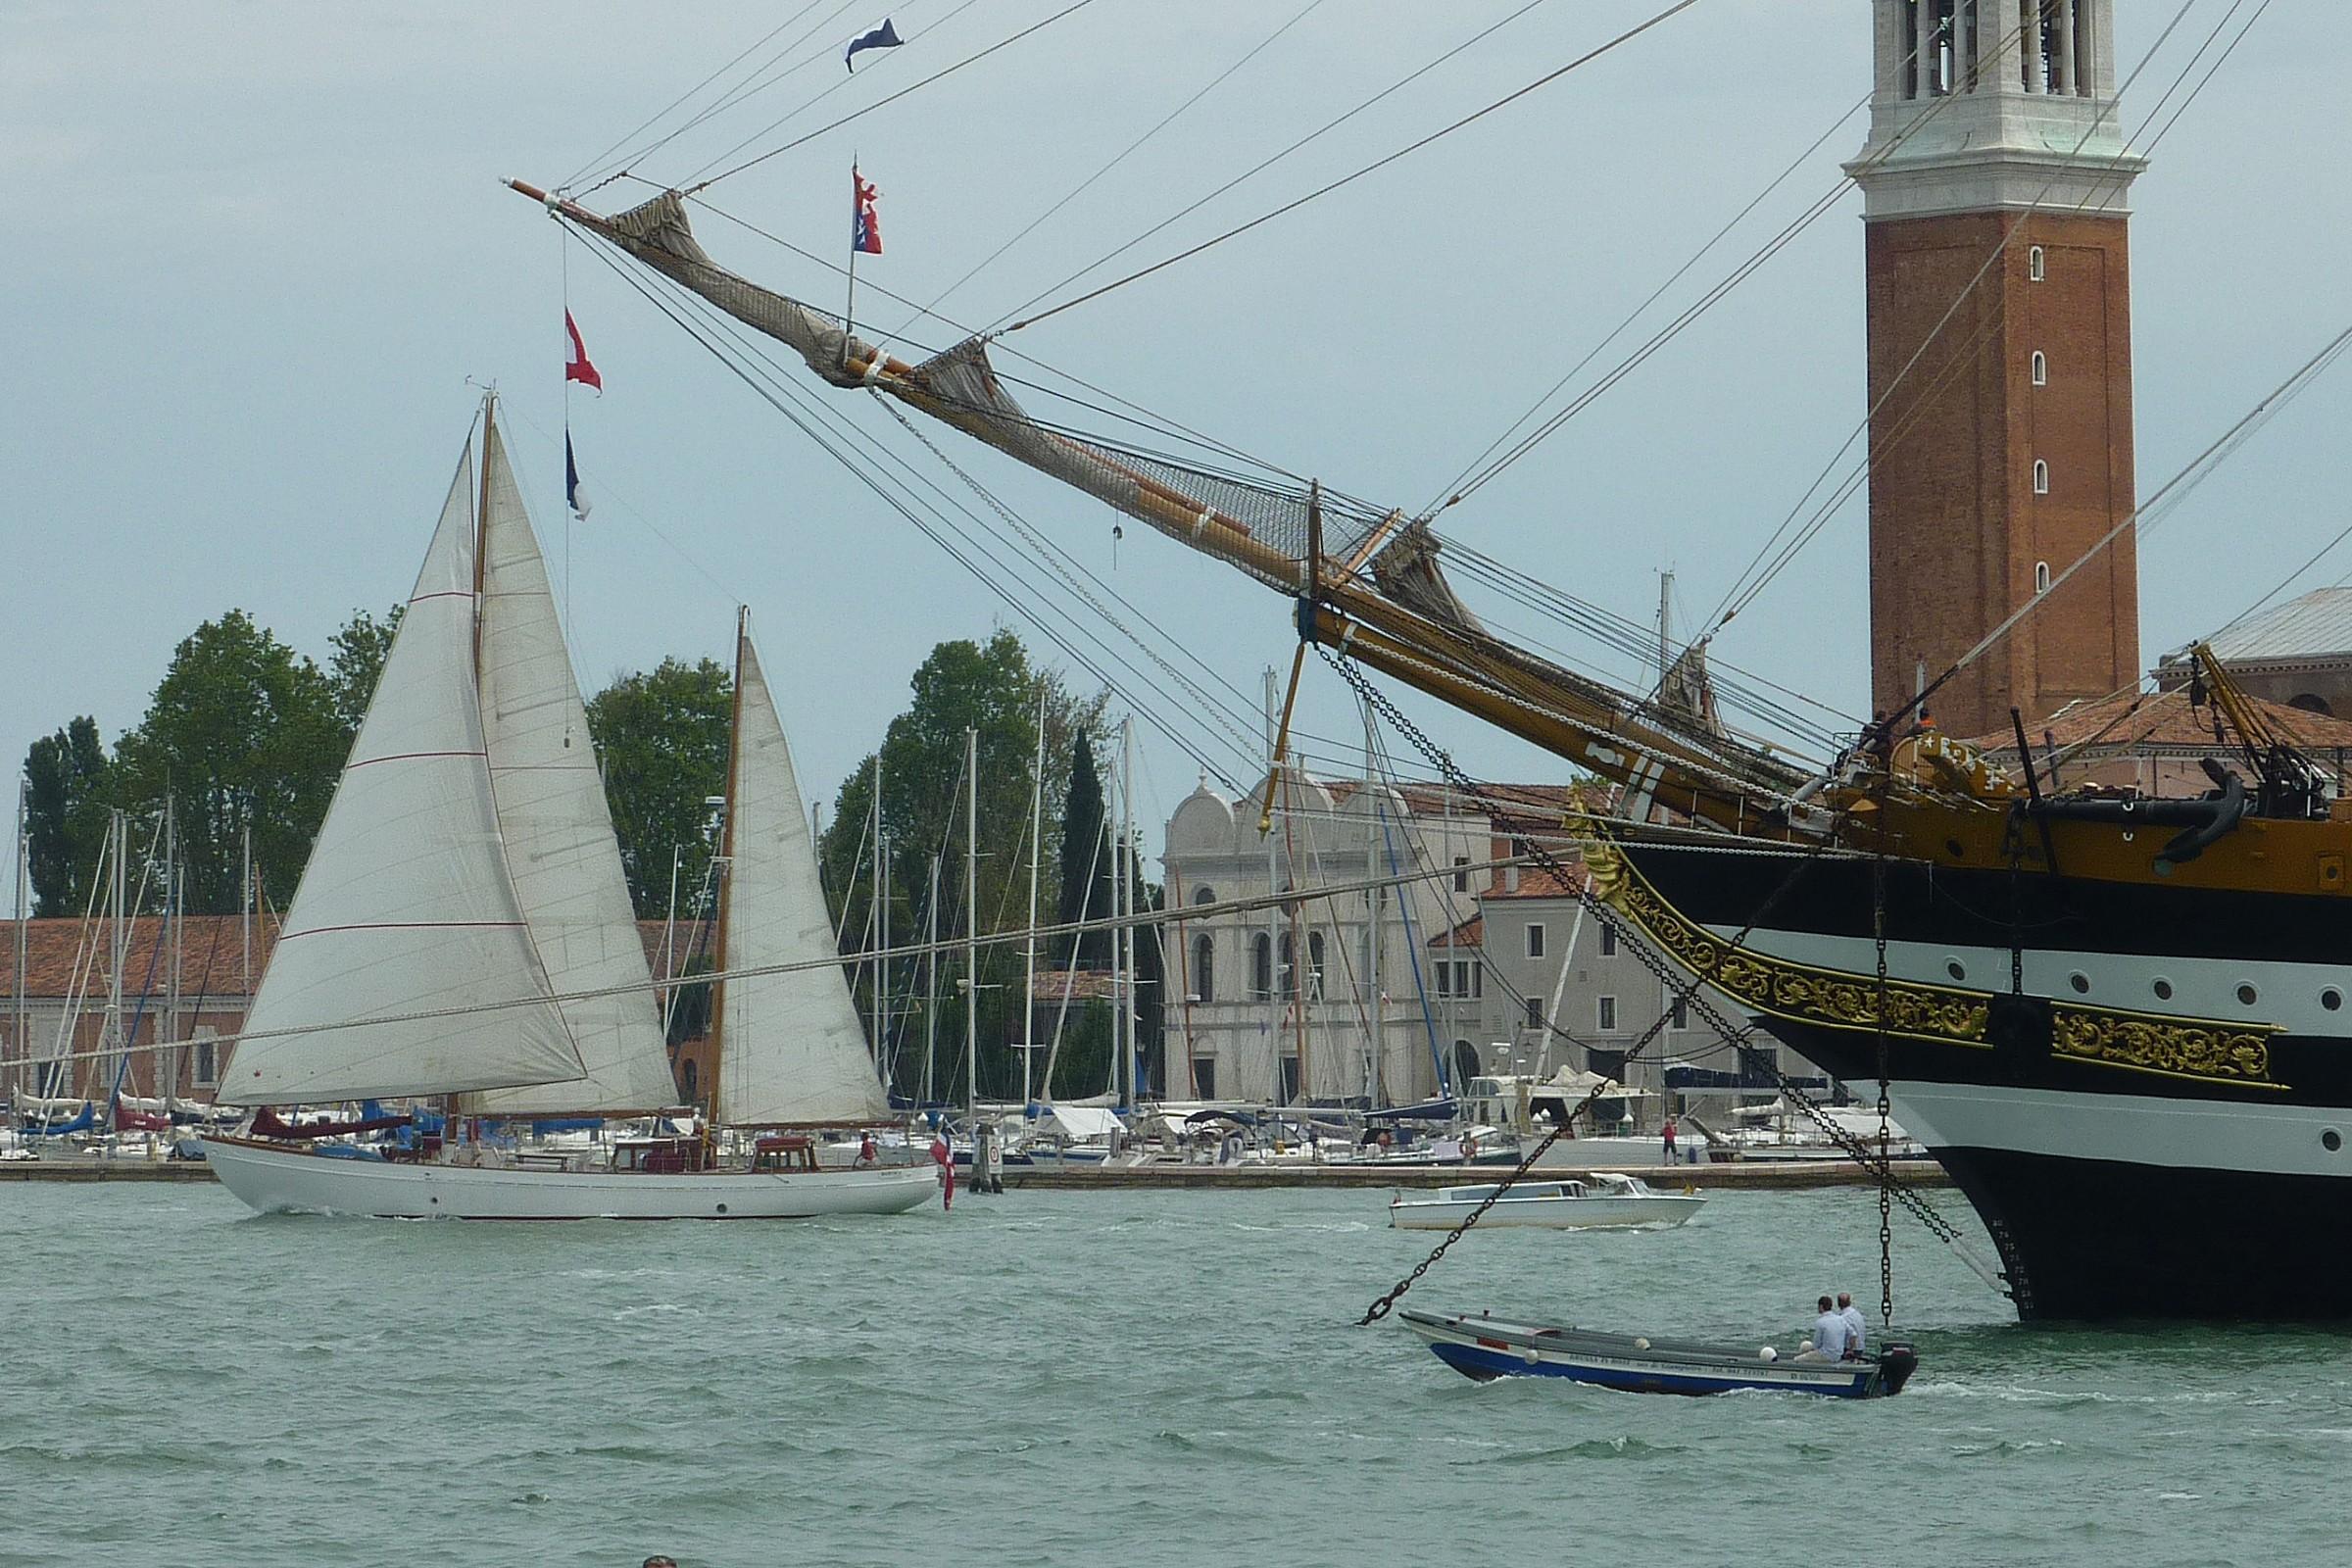 Ketch nel Bacino di San Marco accanto alla Vespucci...